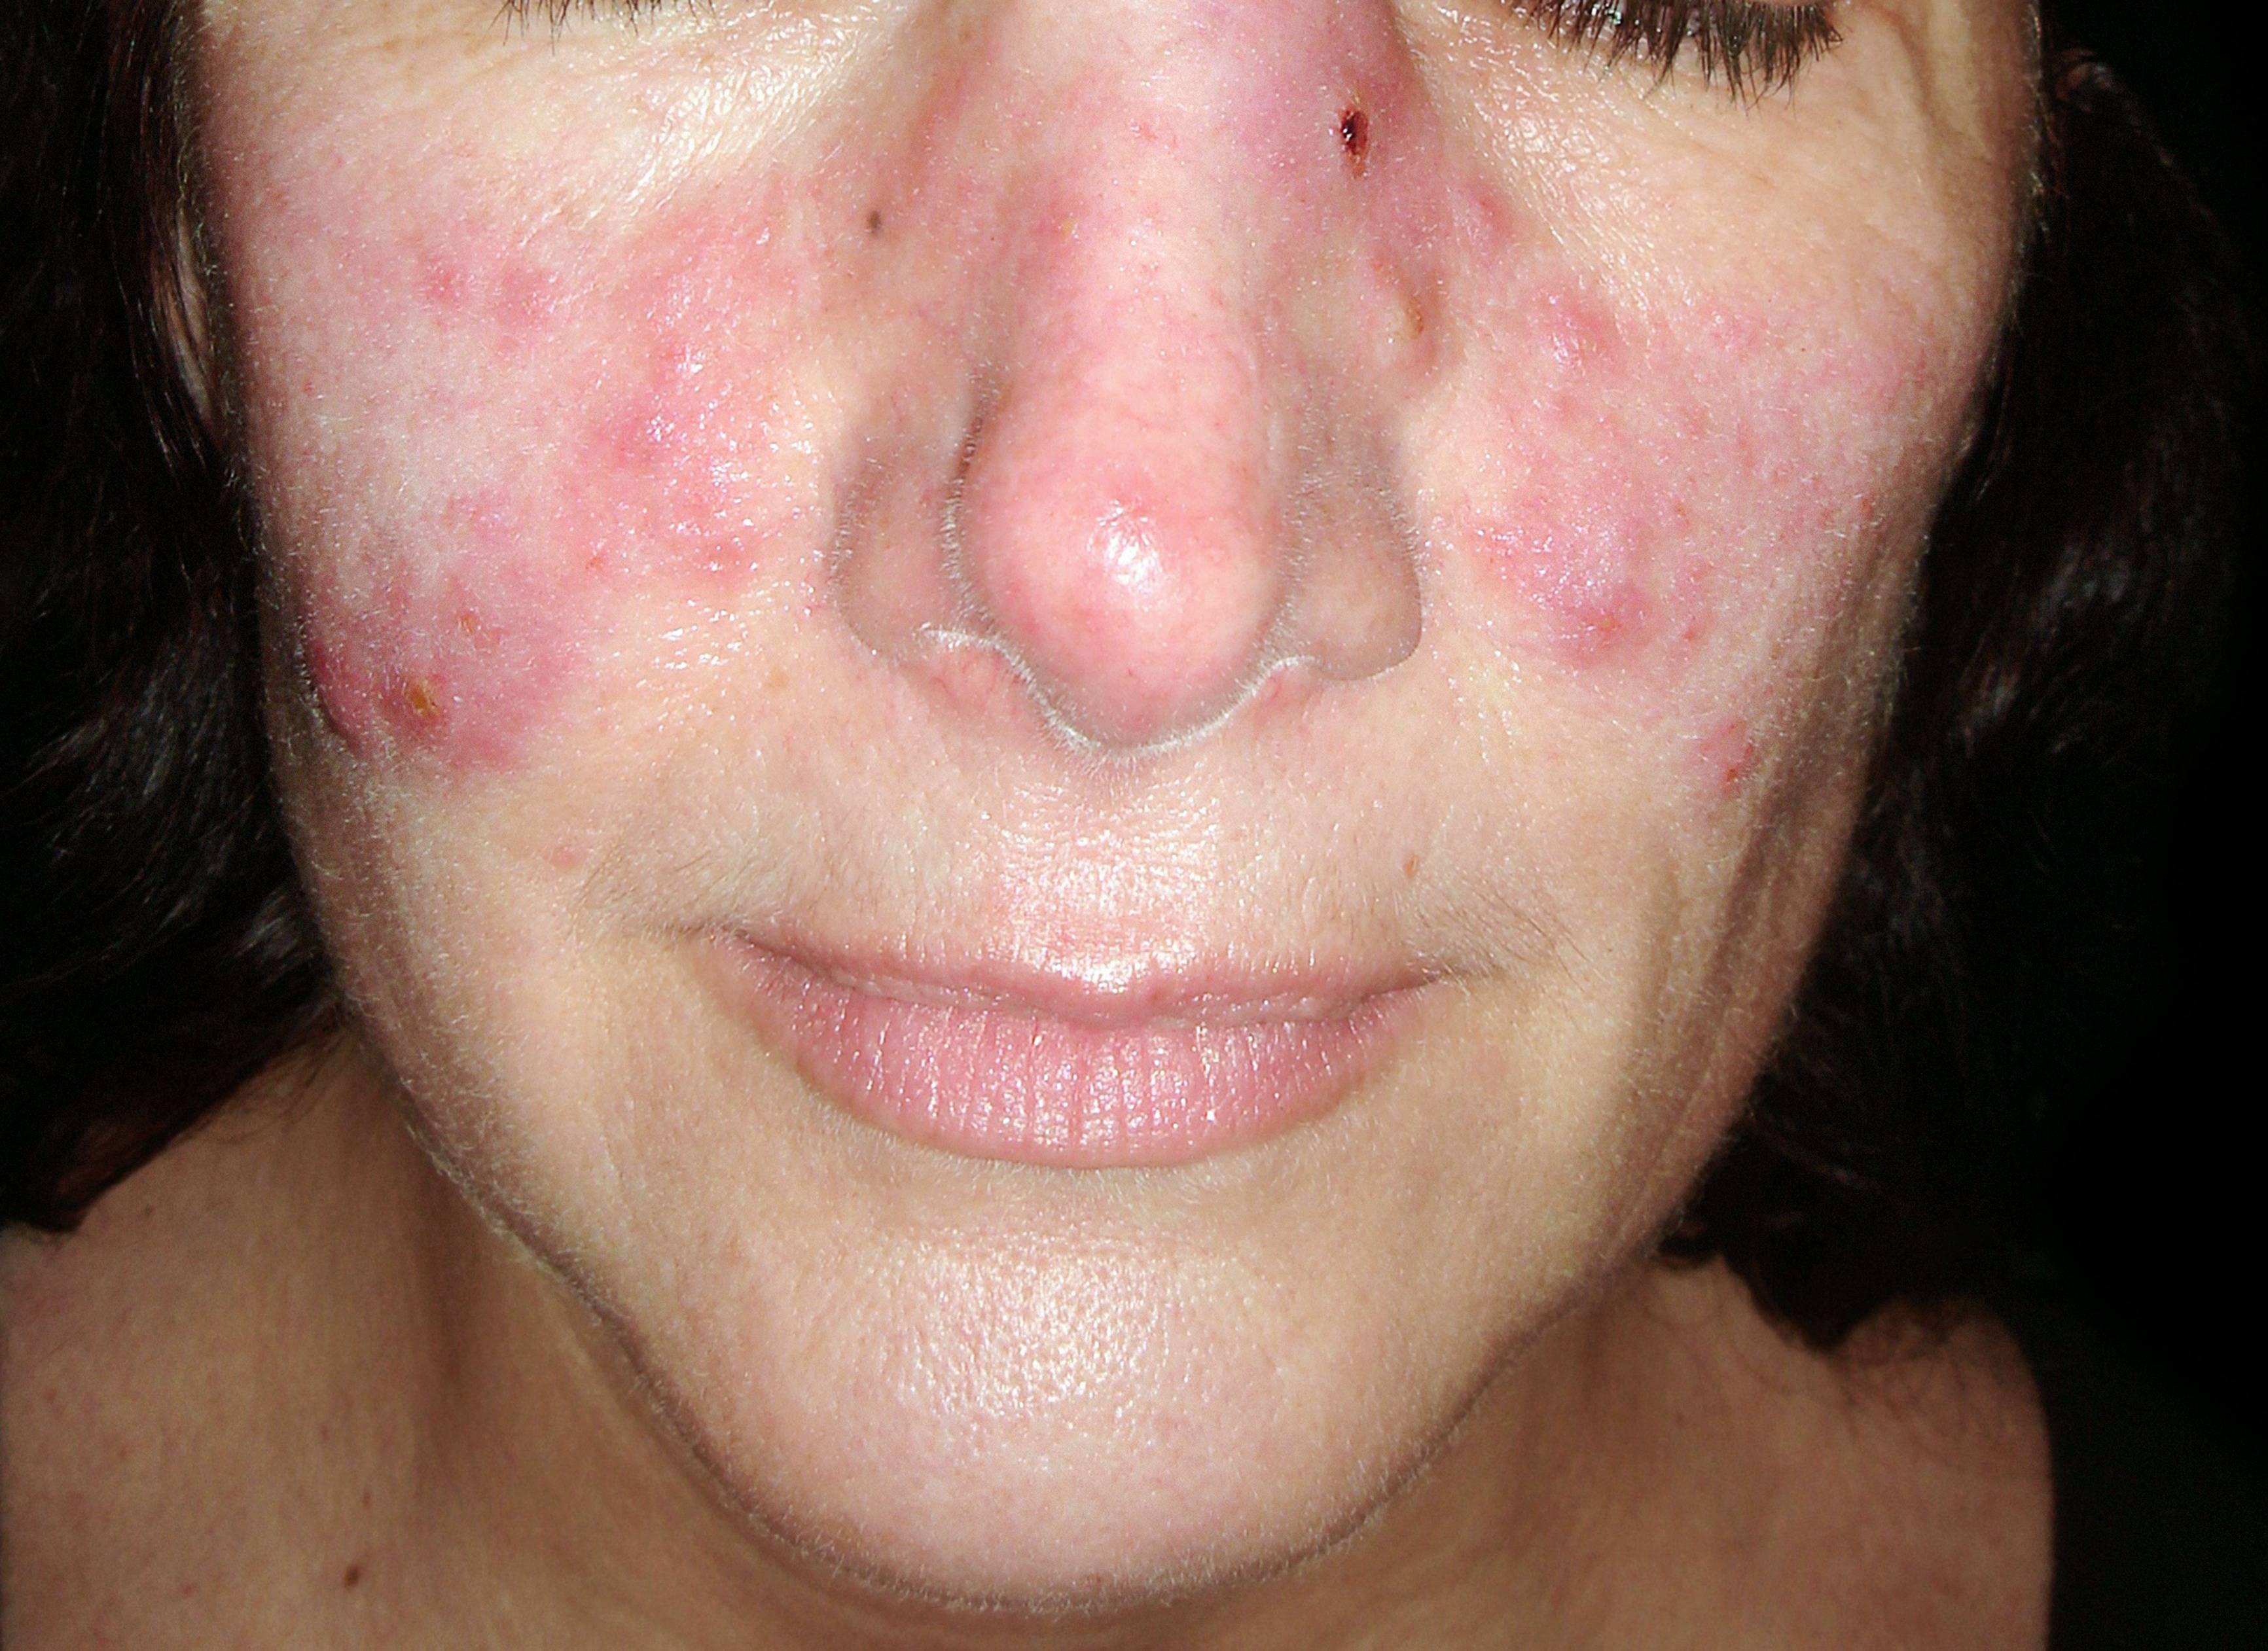 foltok az arcon vörös bőrbetegségek vörös foltok a combokon, mint kezelni